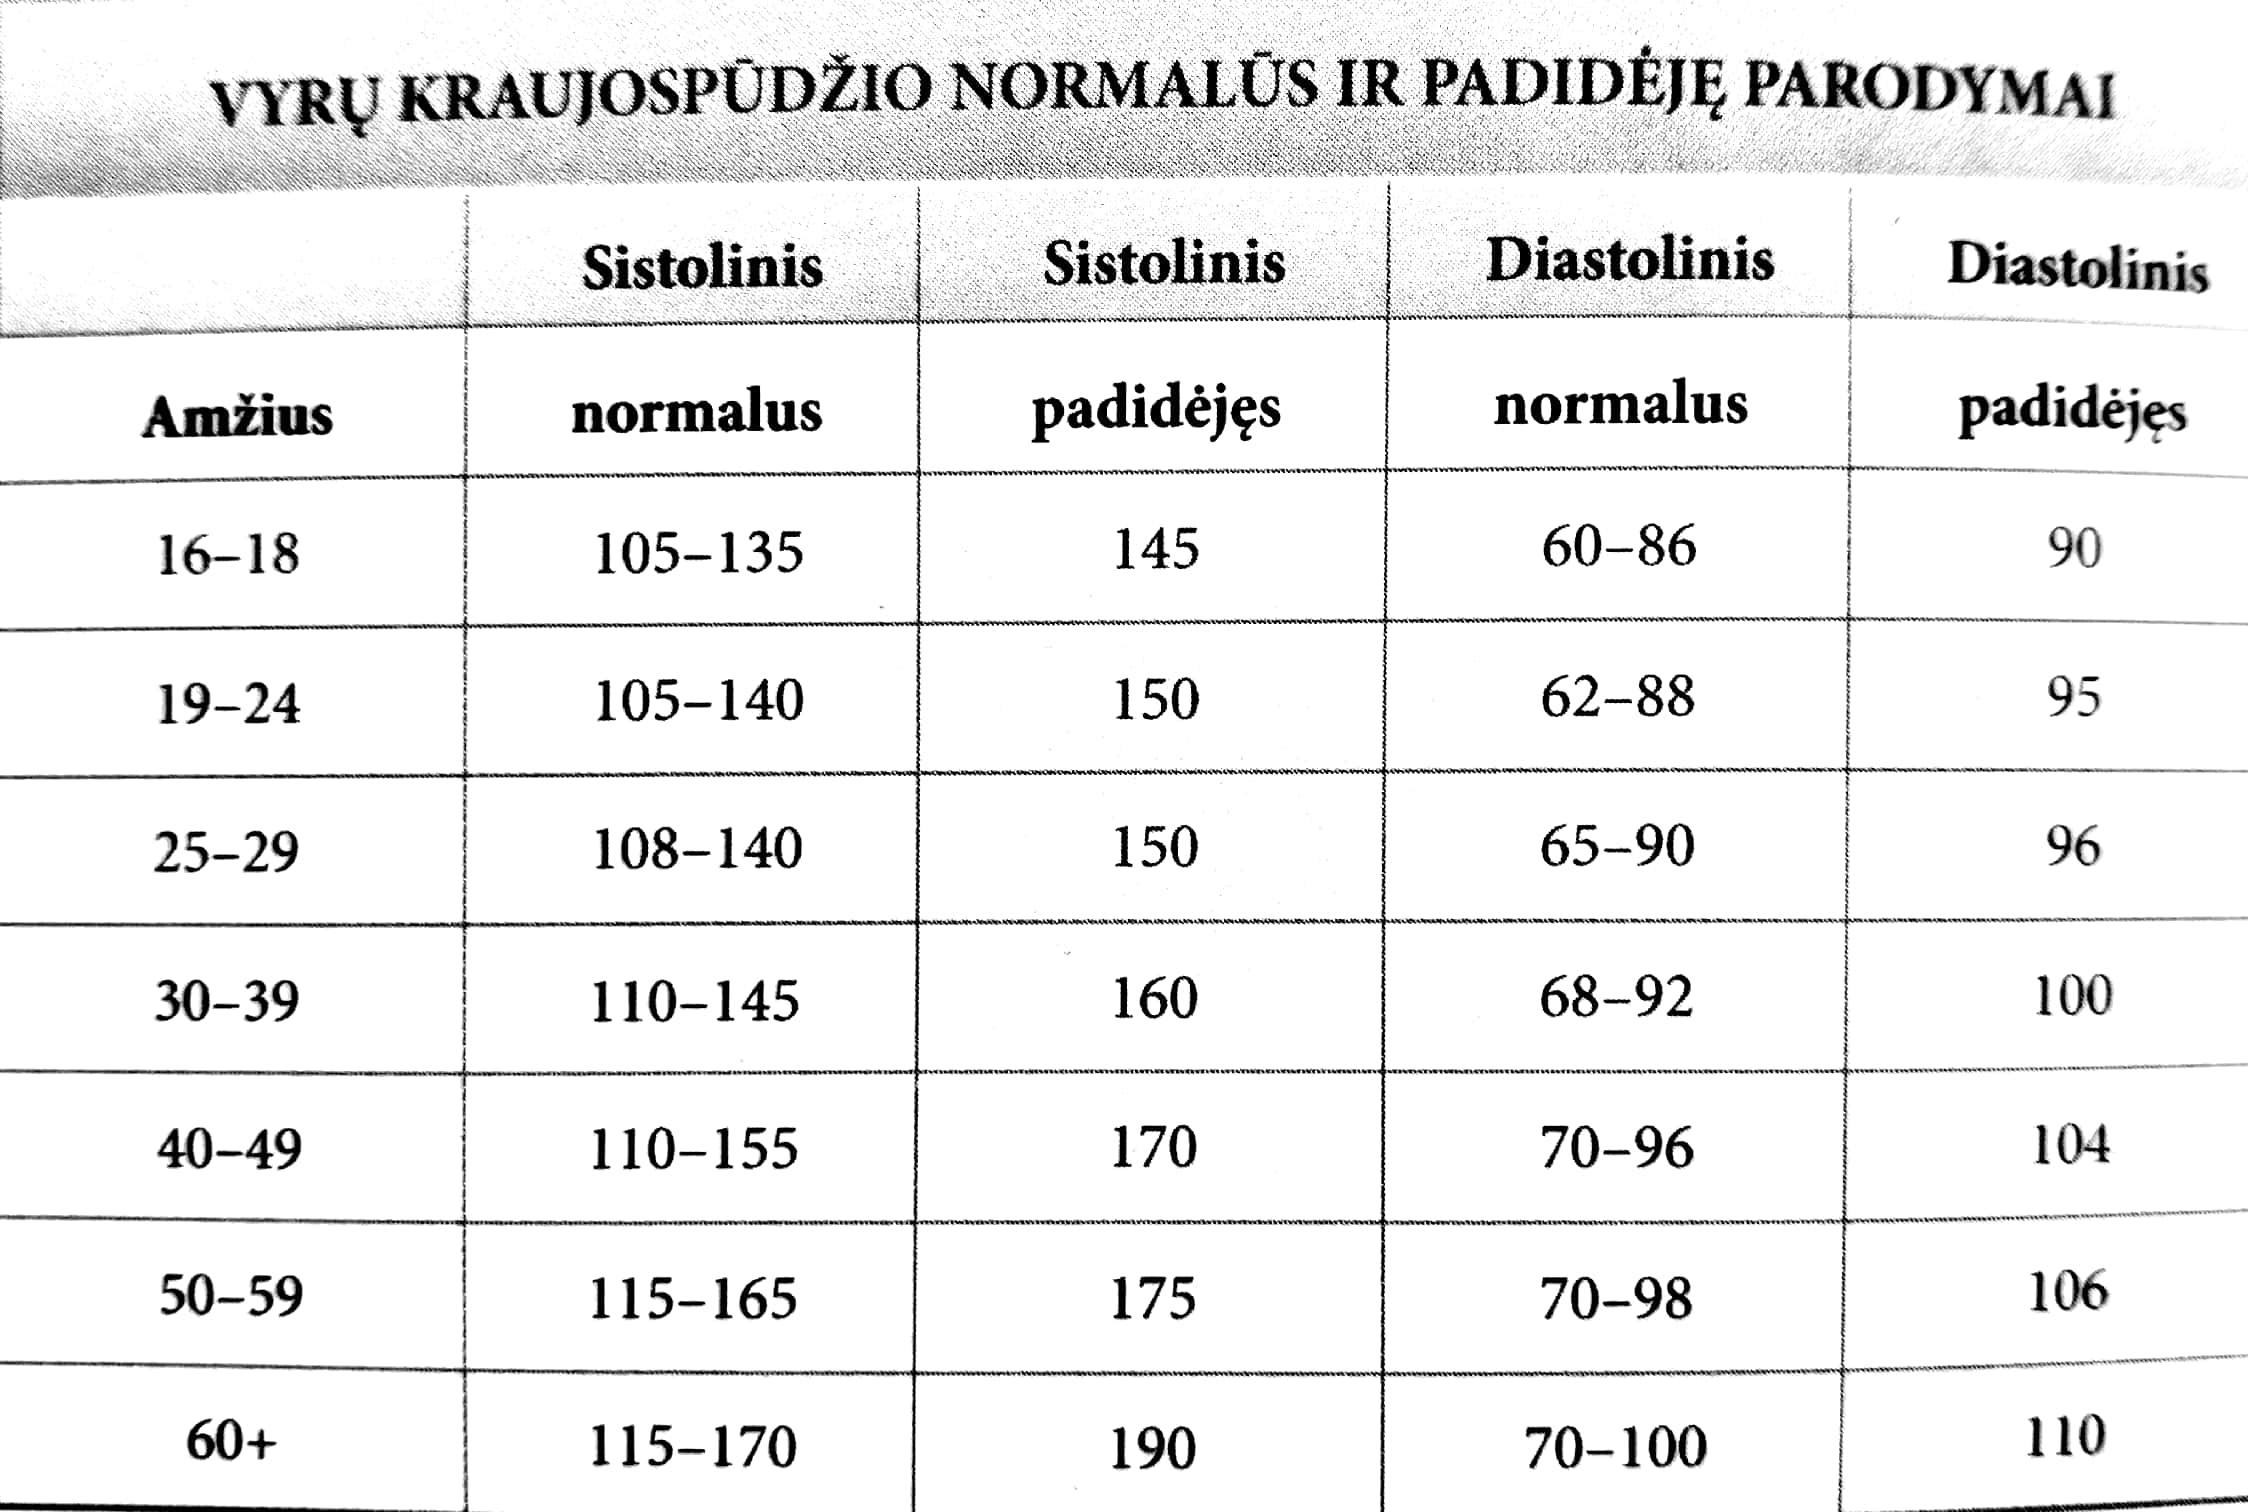 cikorija sergant hipertenzija jei hipertenzija nereaguoja į gydymą